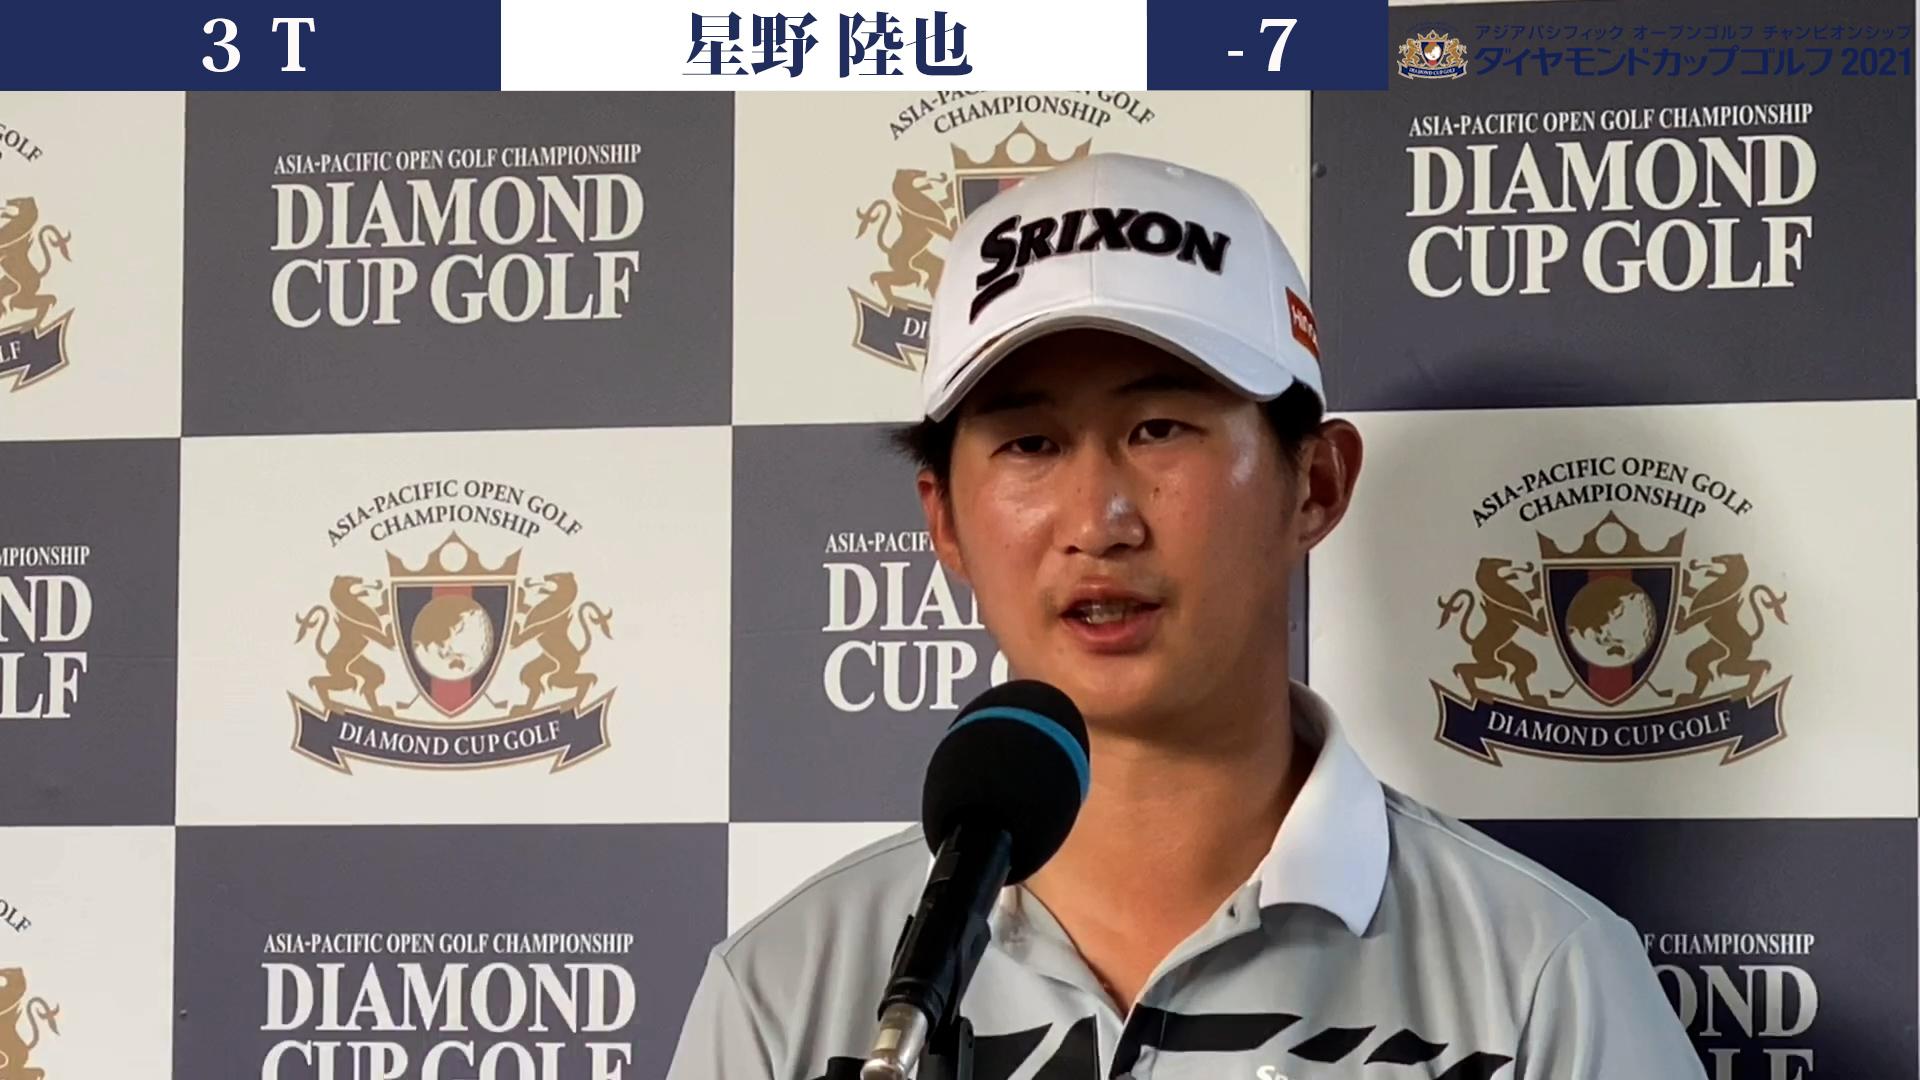 【男子ゴルフ】星野陸也が通算7アンダーで3位タイに浮上!アジアパシフィックダイヤモンドカップゴルフ 2nd Round